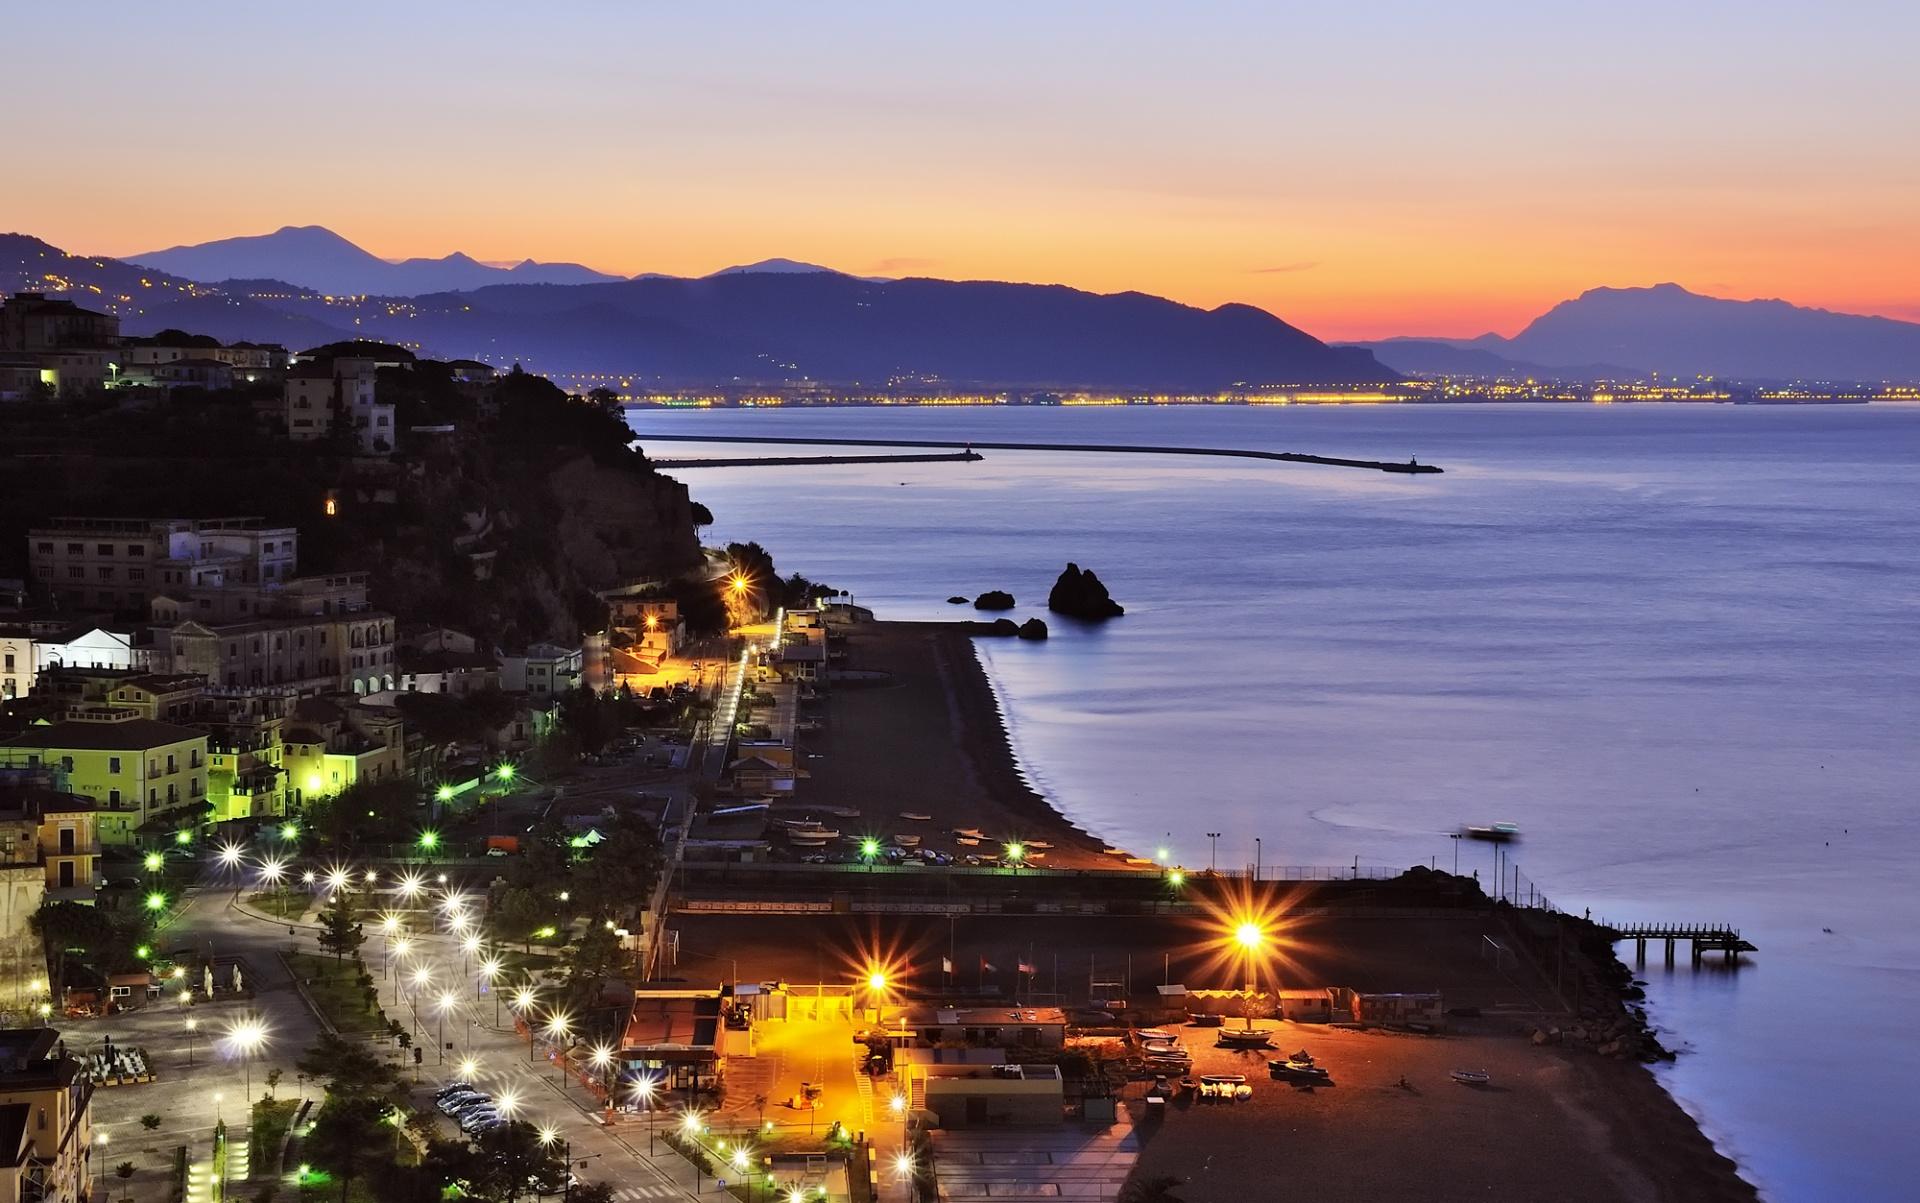 Seascape: dall'alba al tromonto, Paesaggi marini ripresi tra l'alba e il tramonto